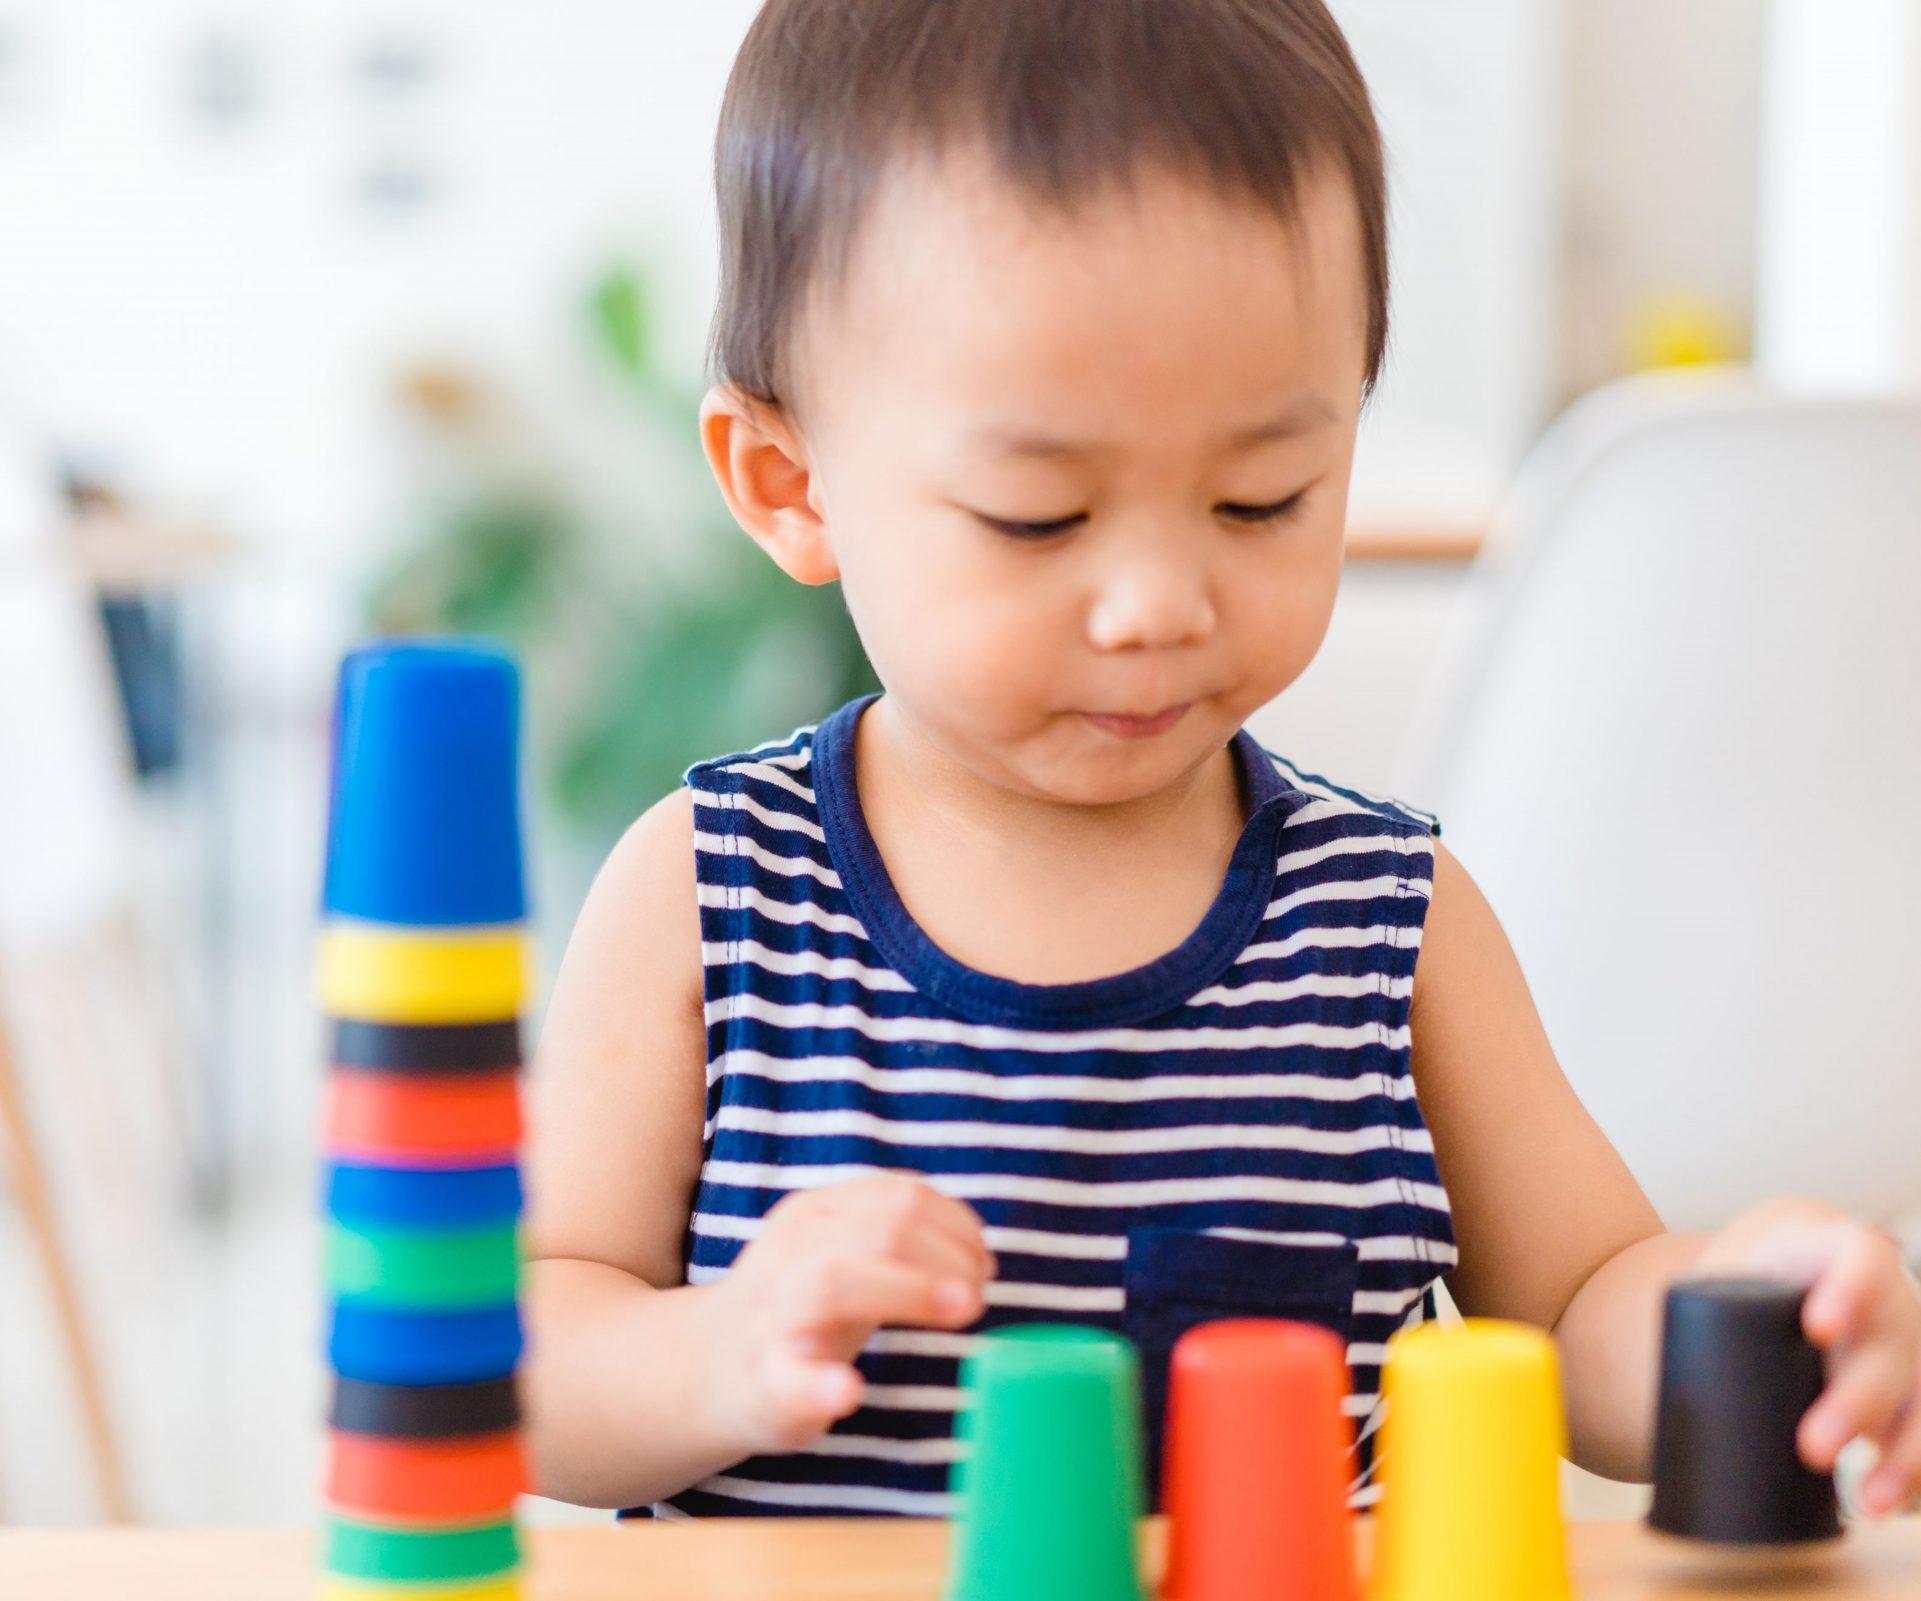 【蒙特梭利】好奇心是學習關鍵!把握0至6歲的「學習敏感期」